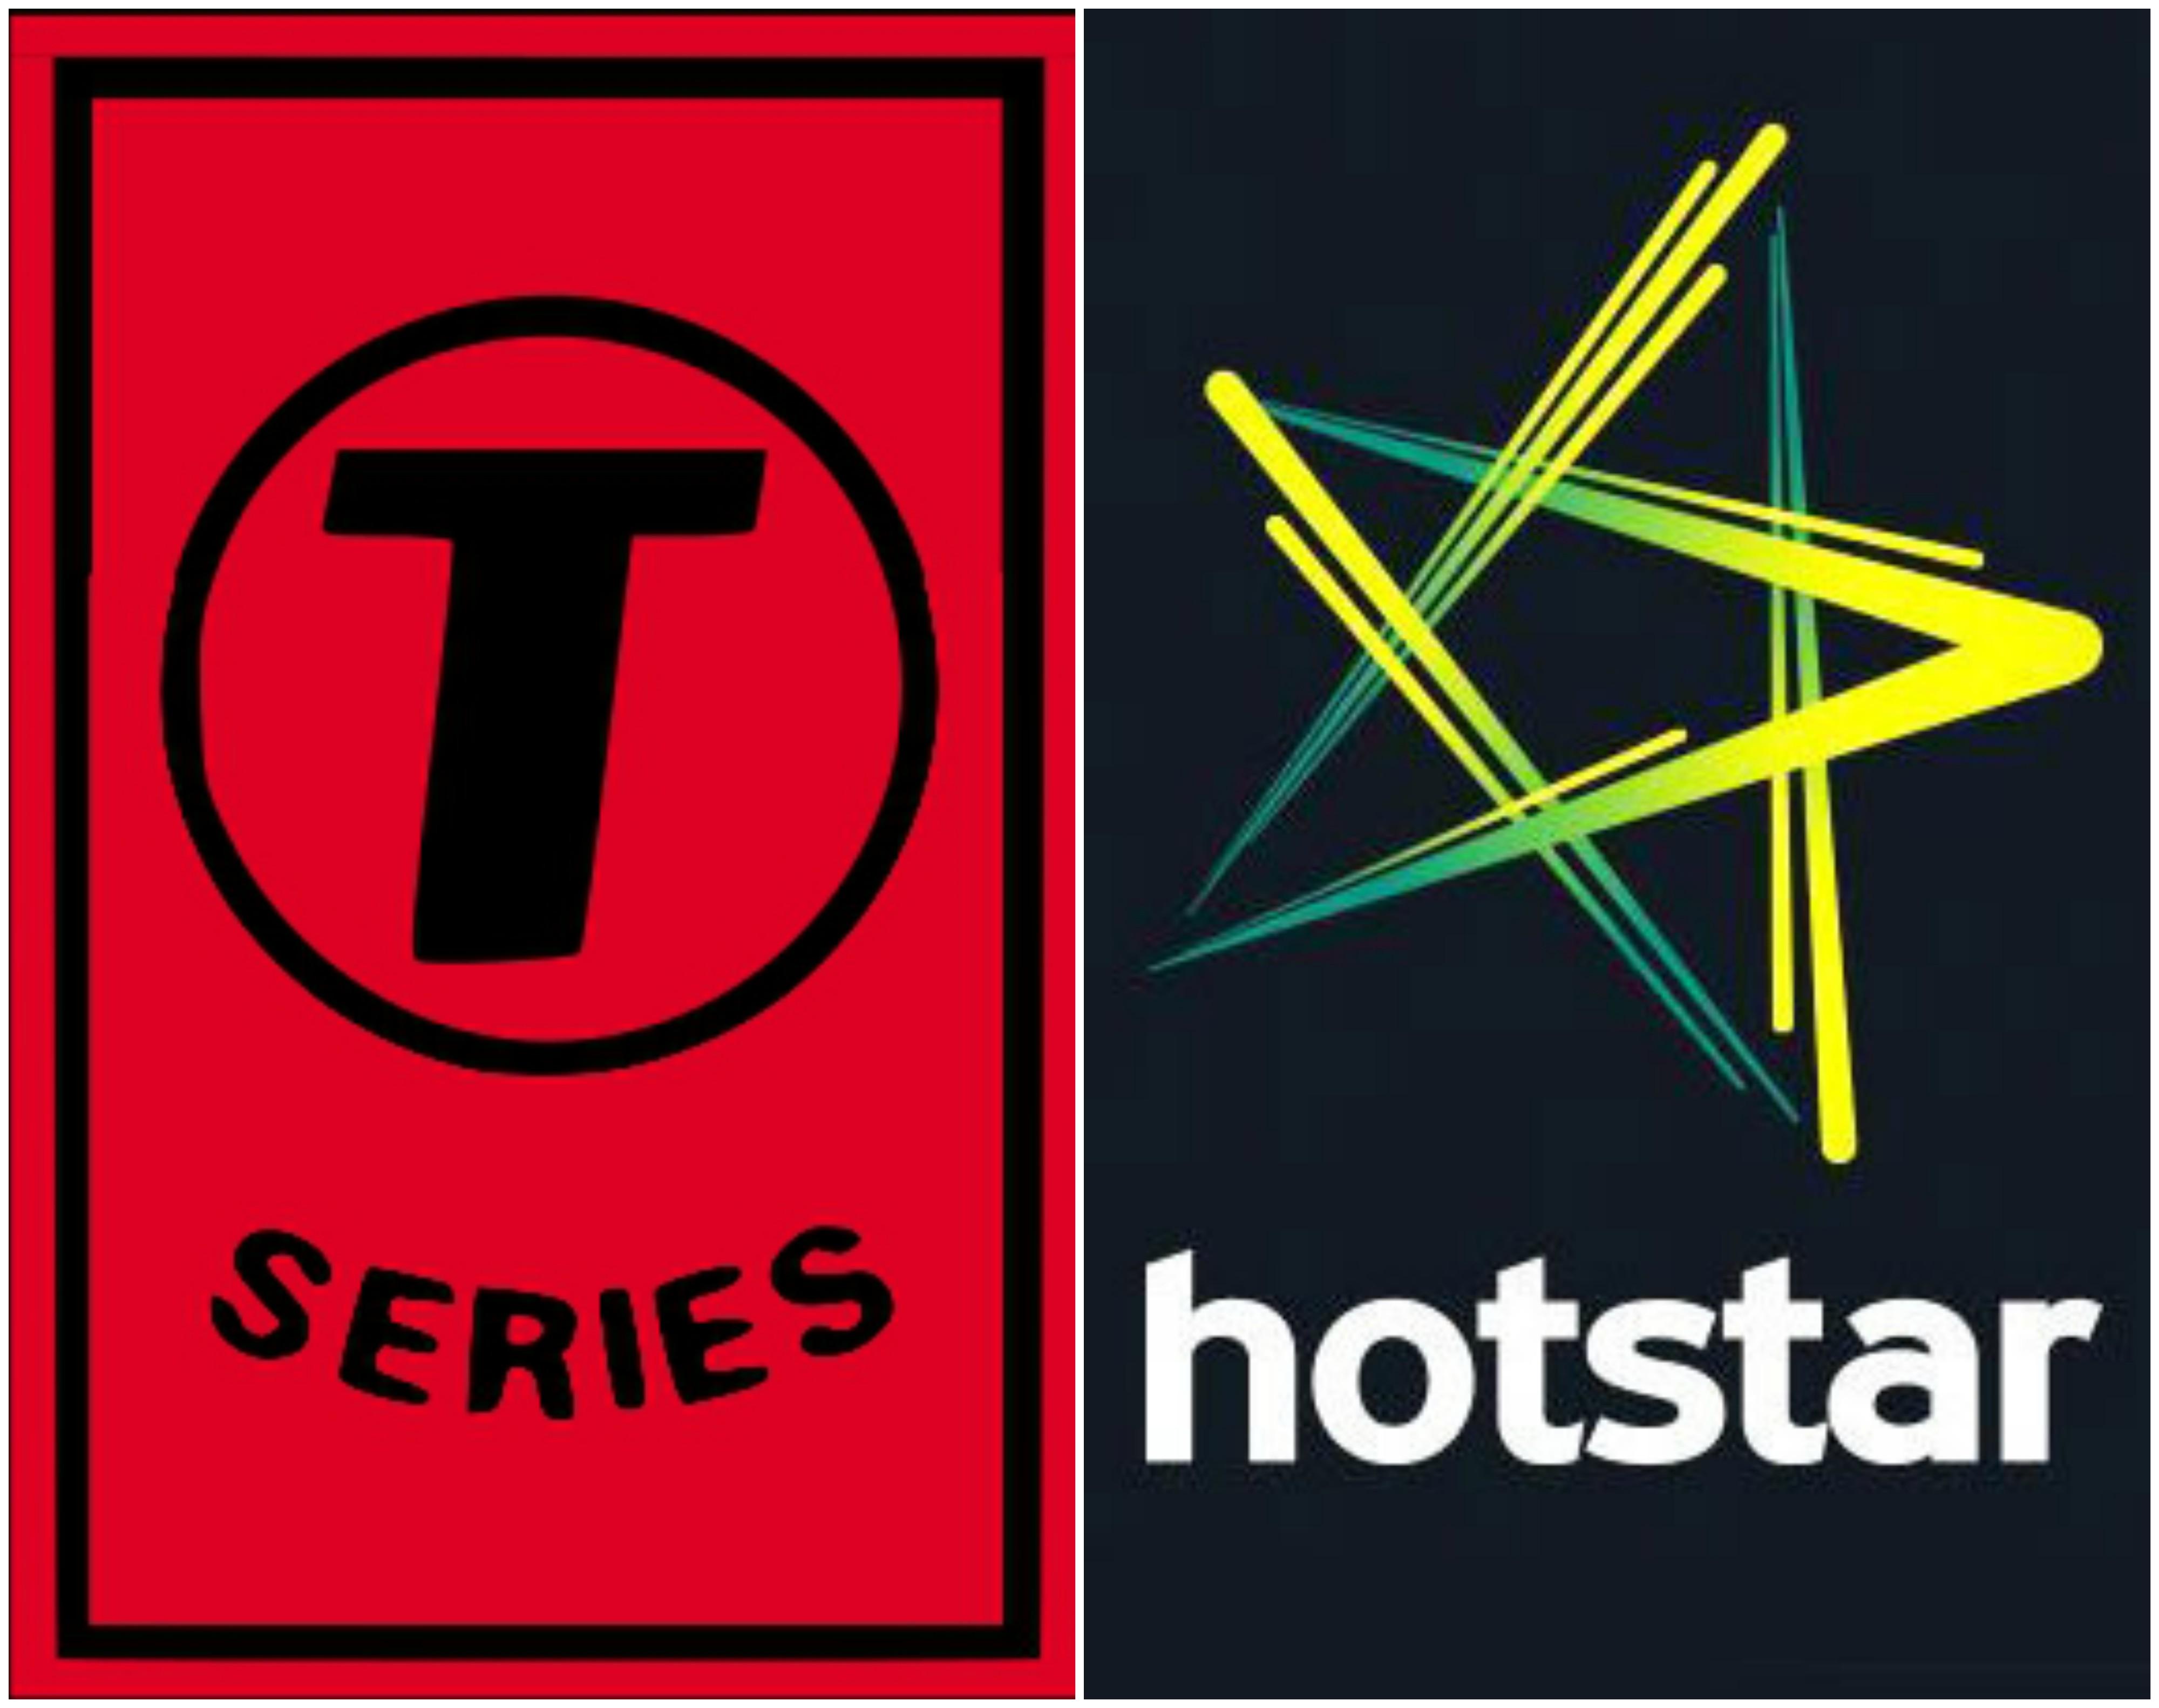 T-Series & Hotstar logos